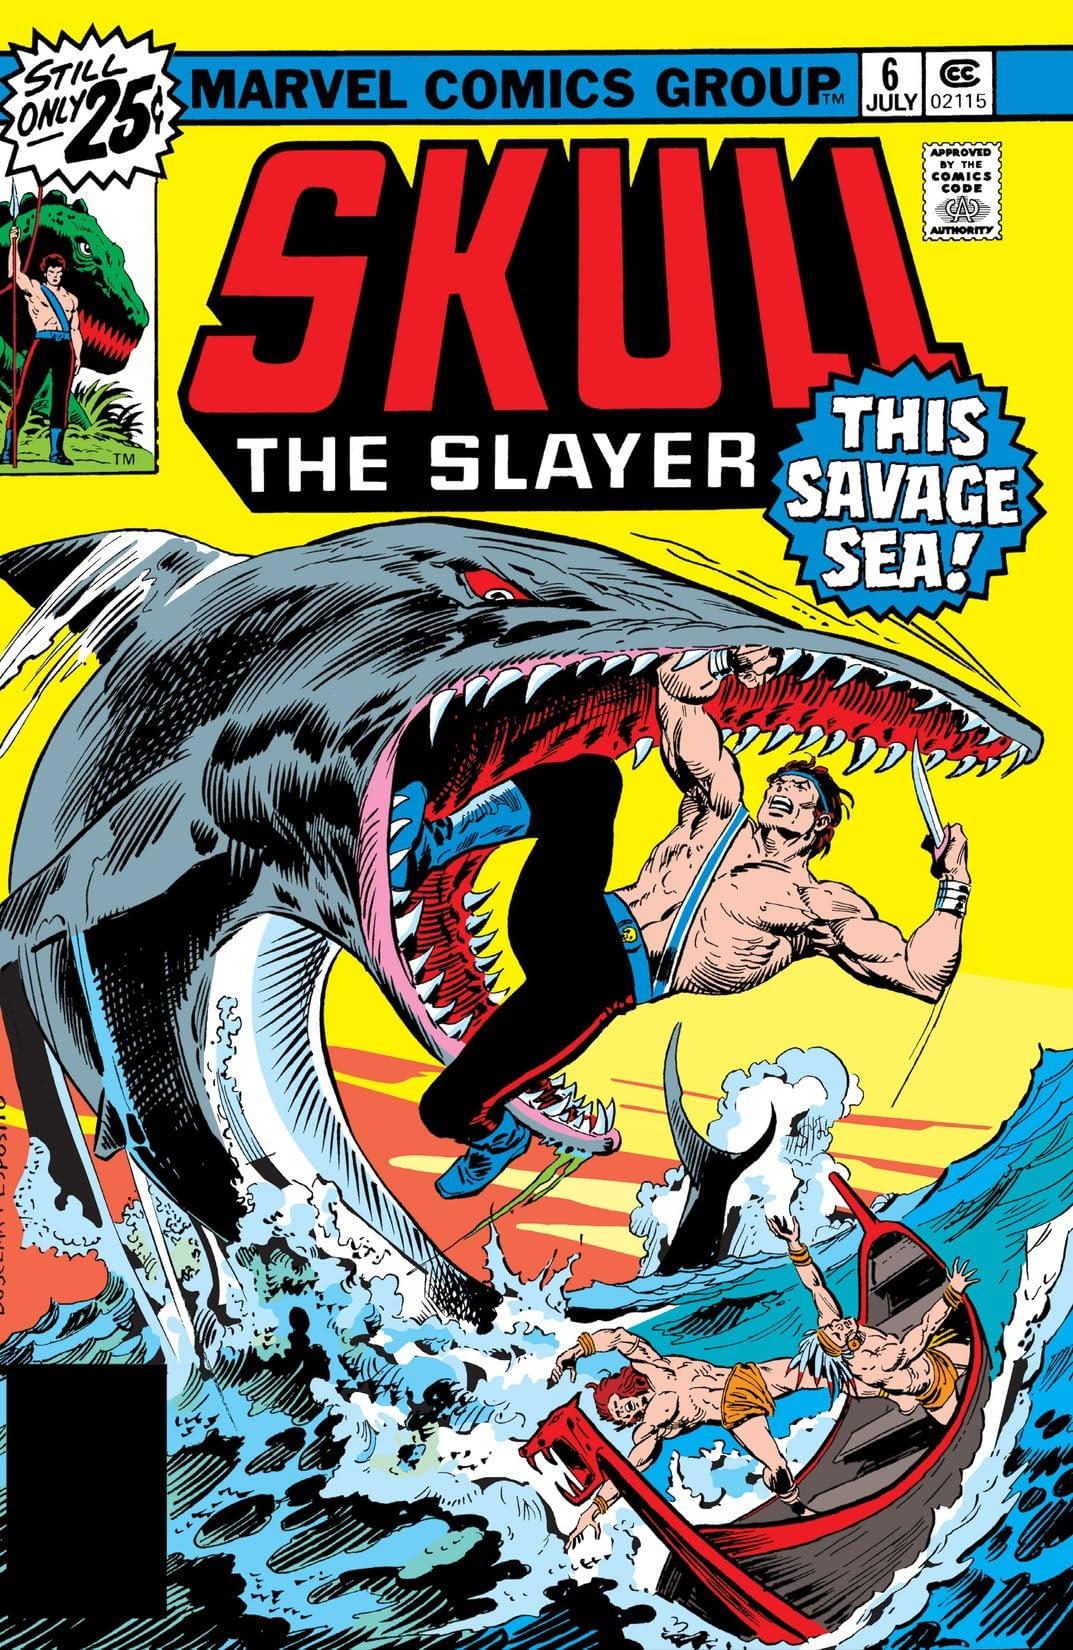 Skull The Slayer (1975-1976) #6